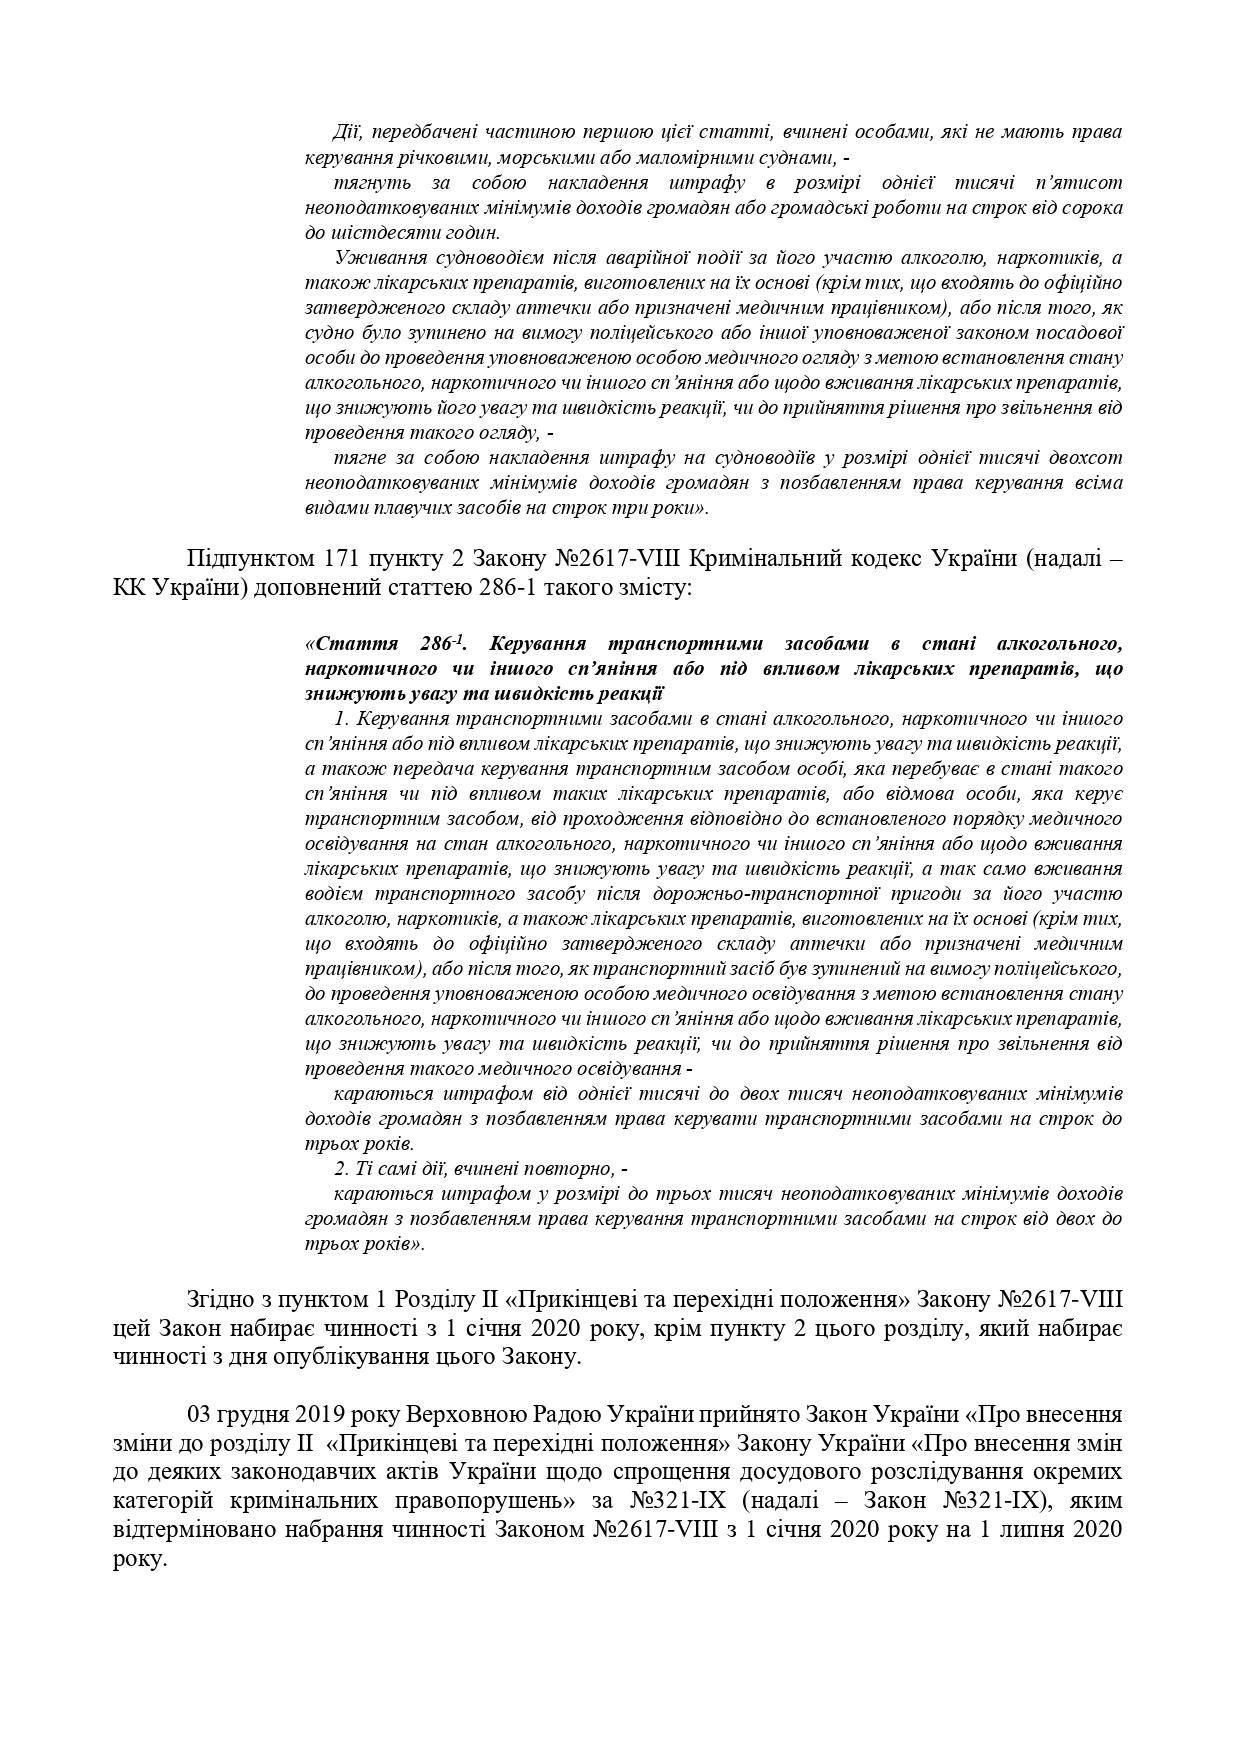 Звернення-АРССУ до ВРУ щодо статті 130_page-0002